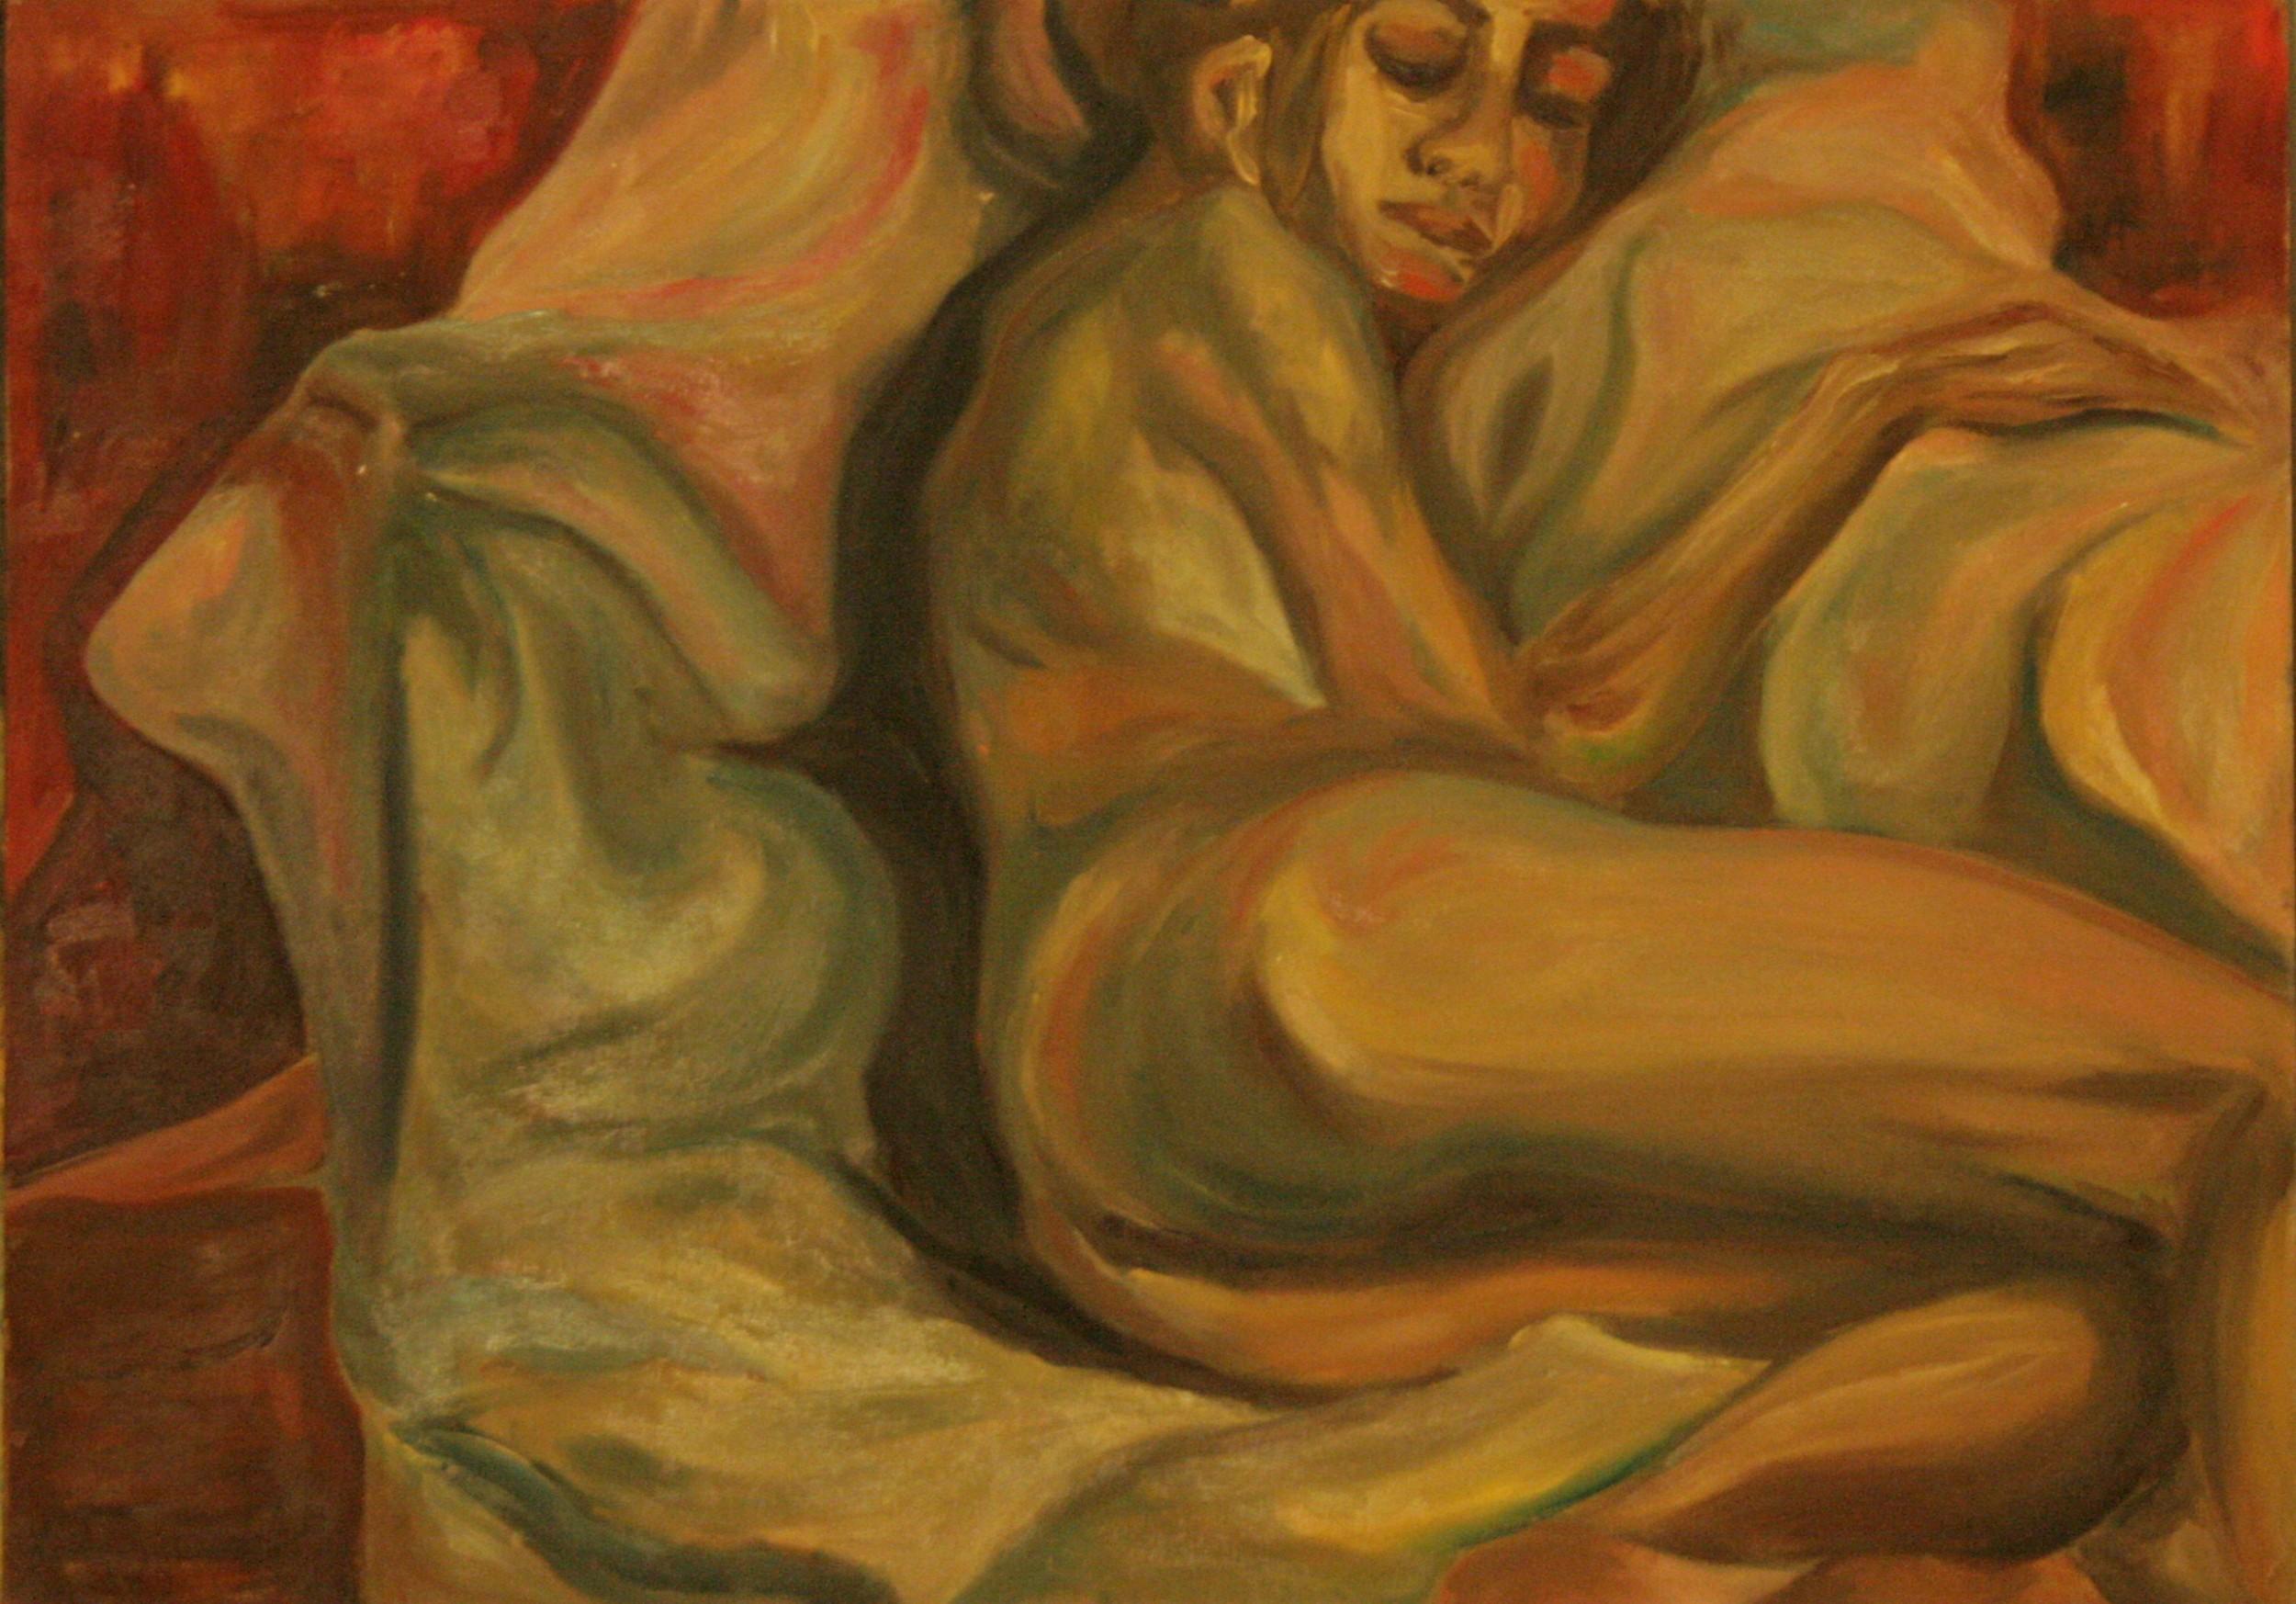 Laura Celeste Nude 81